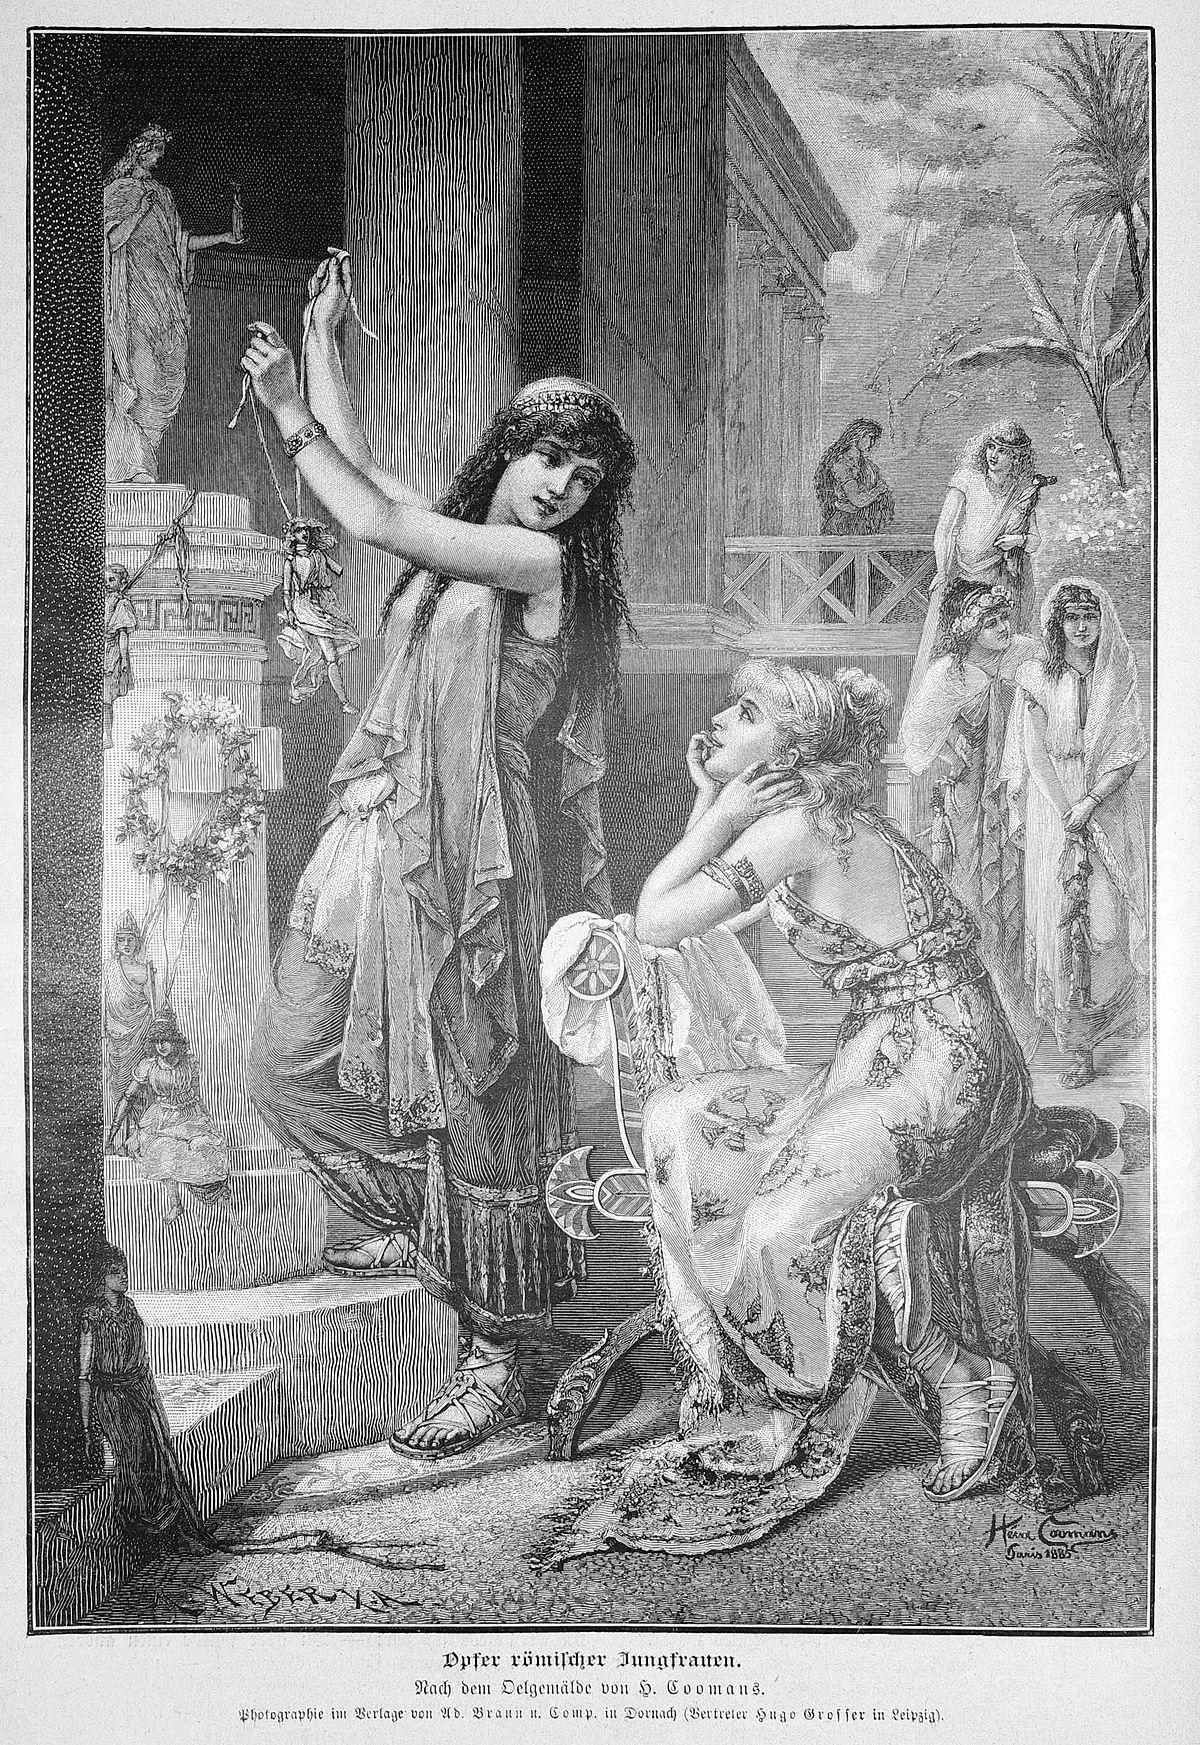 Paganism - Wikipedia